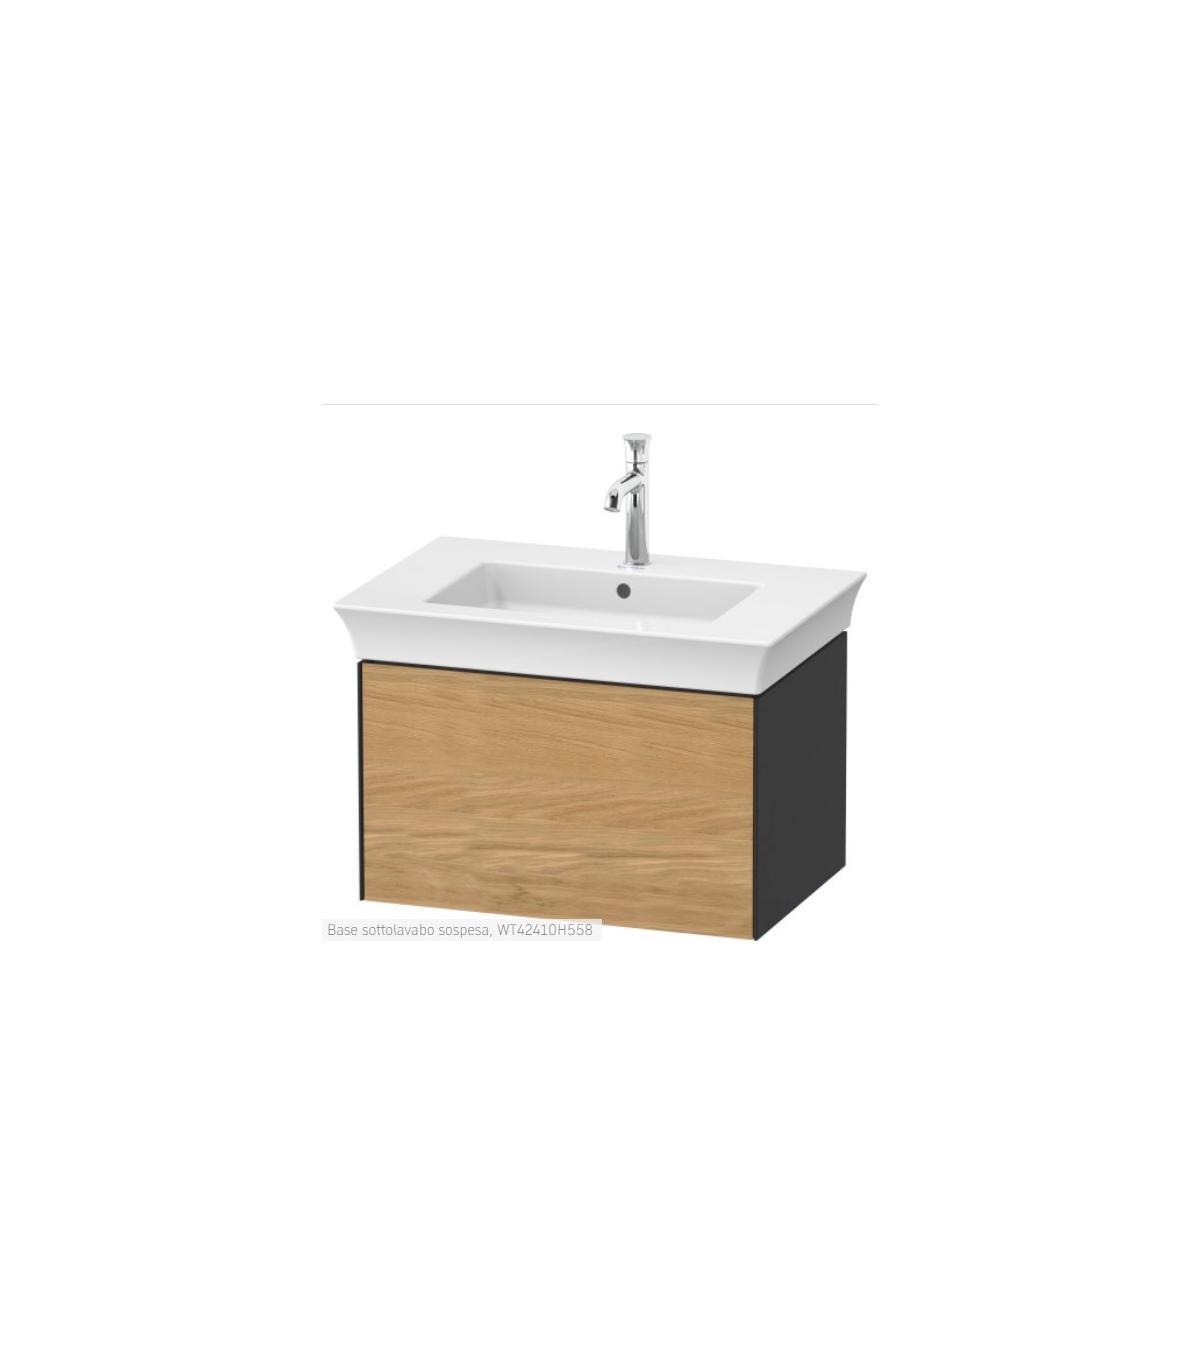 Installazione Wc Filo Parete.Wc Filo Parete Ideal Standard Tonic 2 Bianco